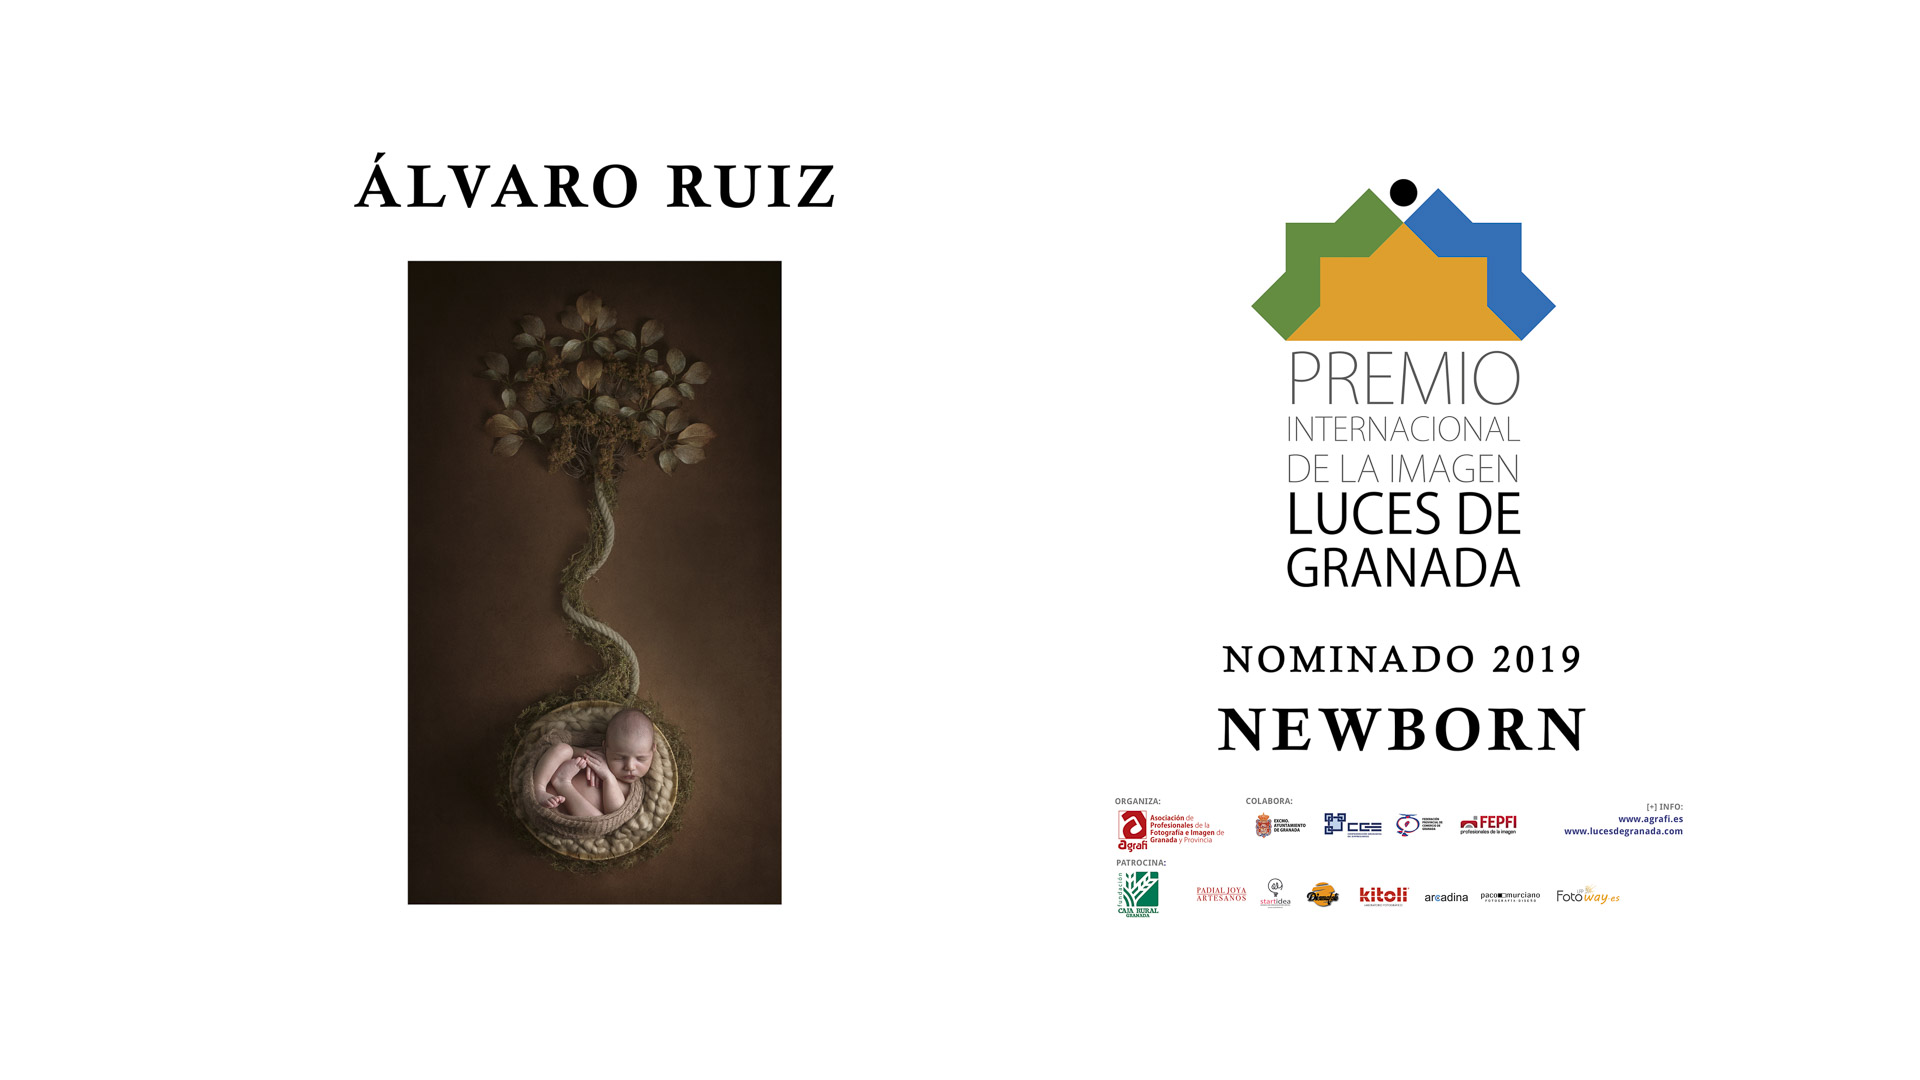 NB19_ALVARO RUIZ